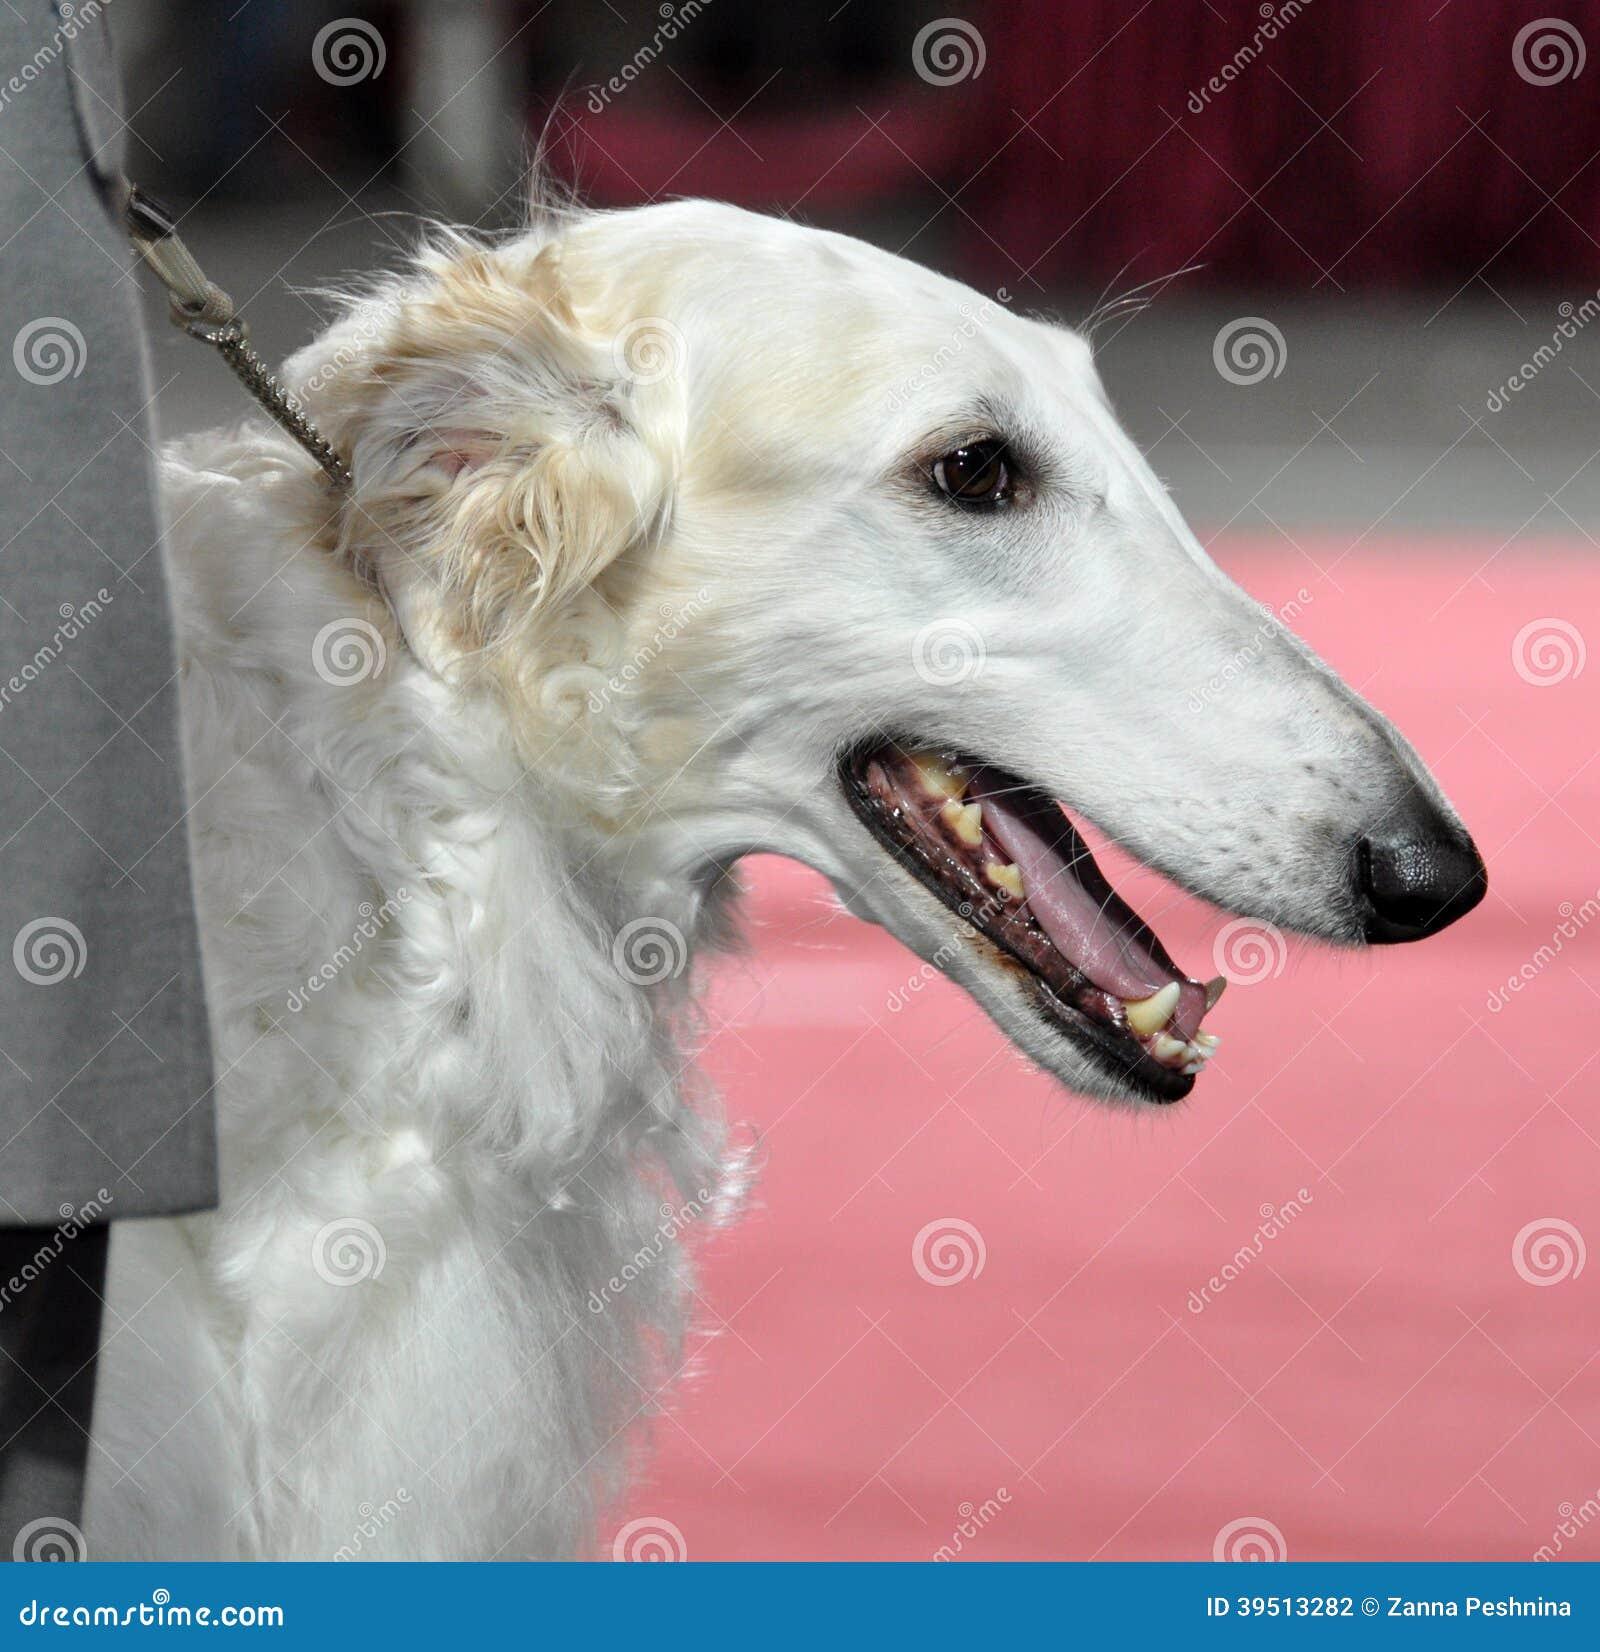 Russian Borzoi - Wolfhound dog